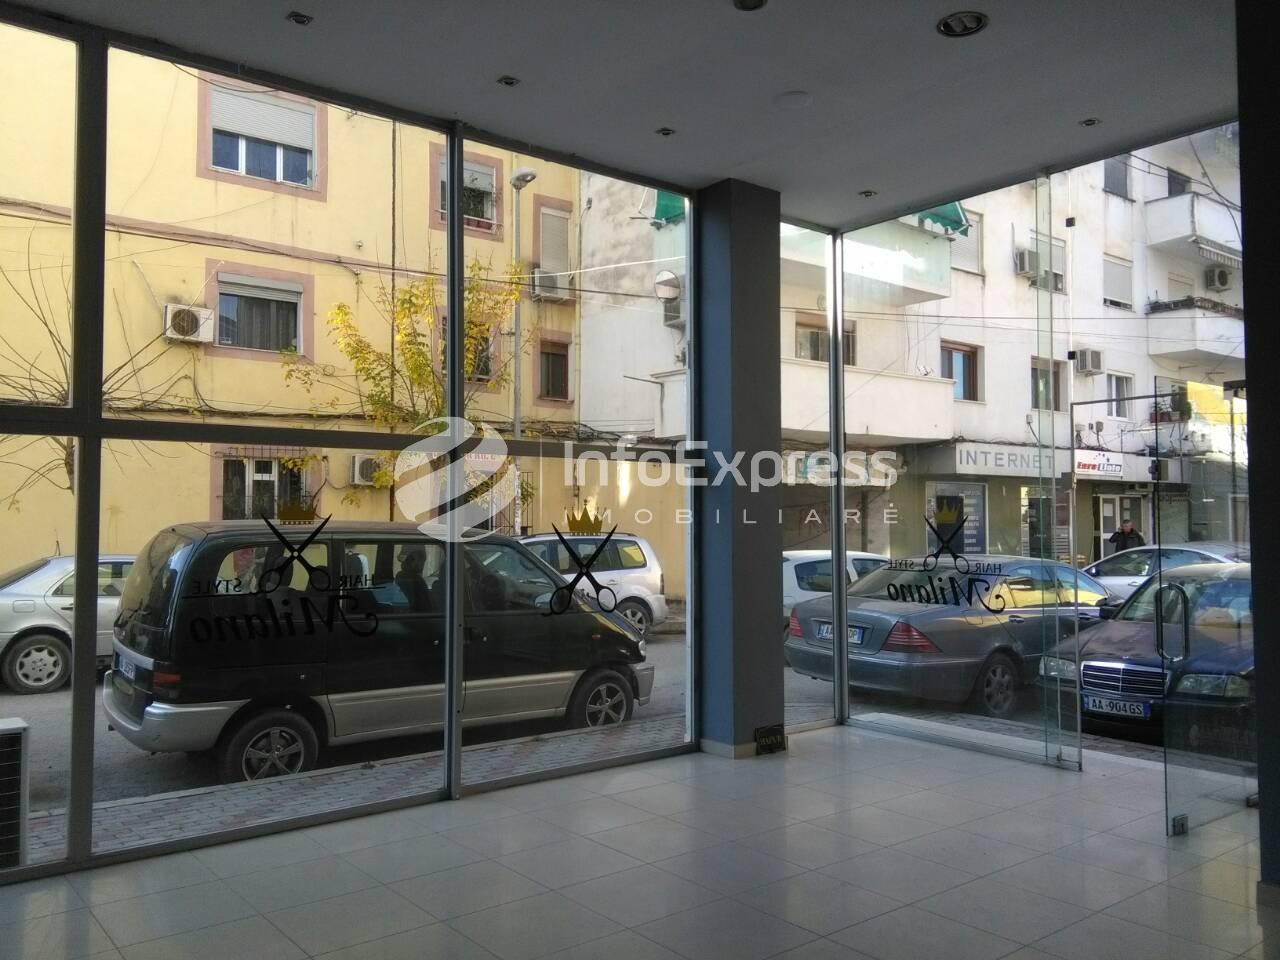 TRR-1117-782 Jepet me qera dyqan prane Tiranes  Re